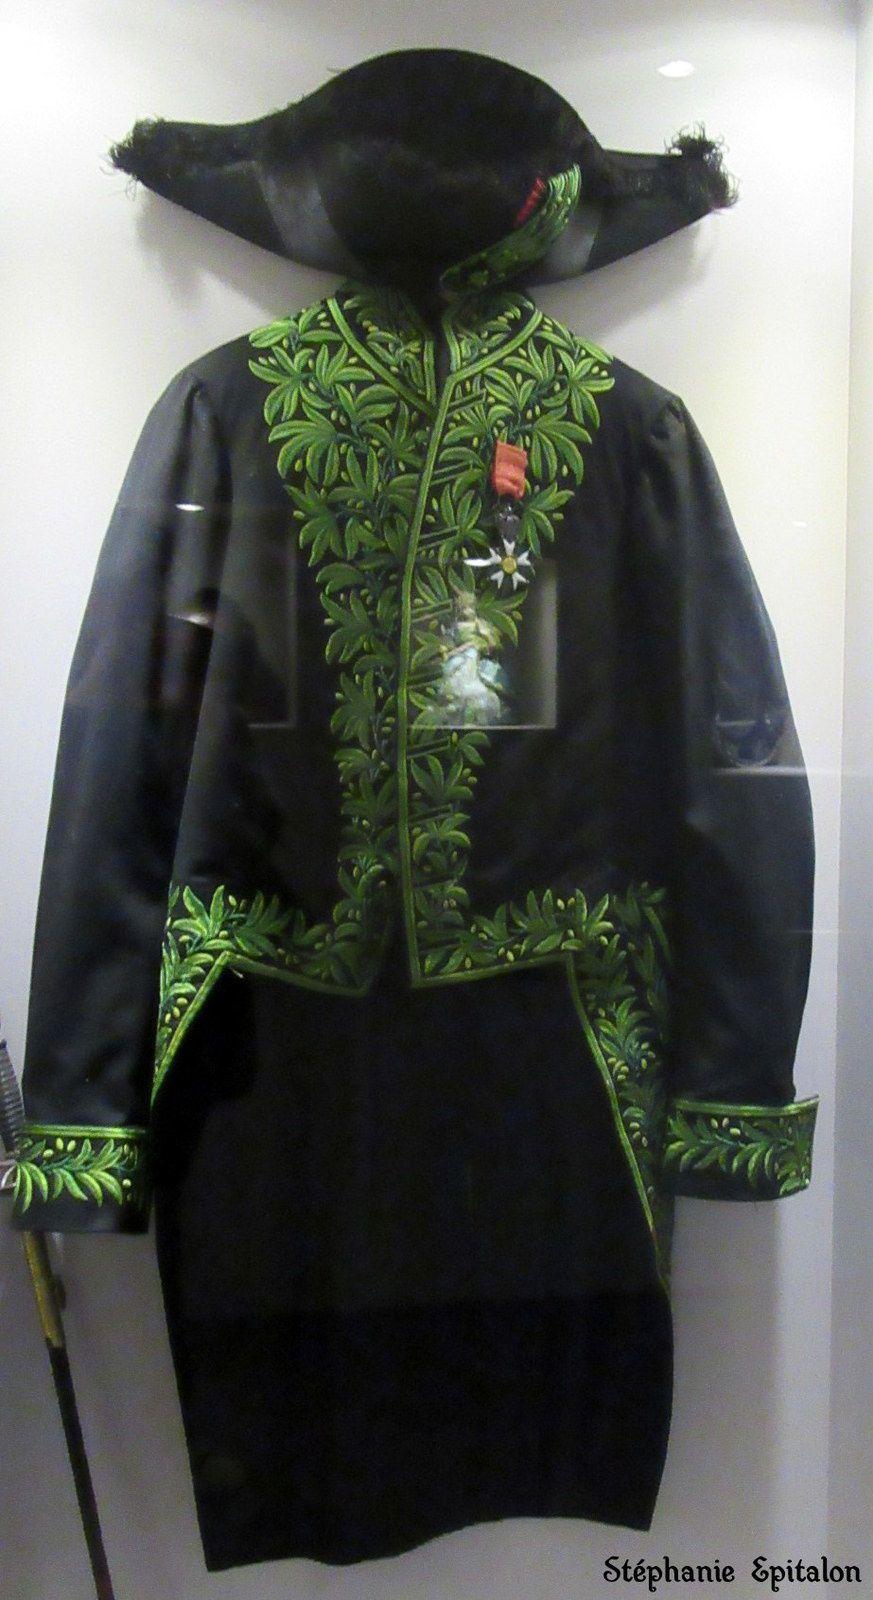 habit d'académicien de Victor de Laprade composé d'un bicorne, une veste et une épée